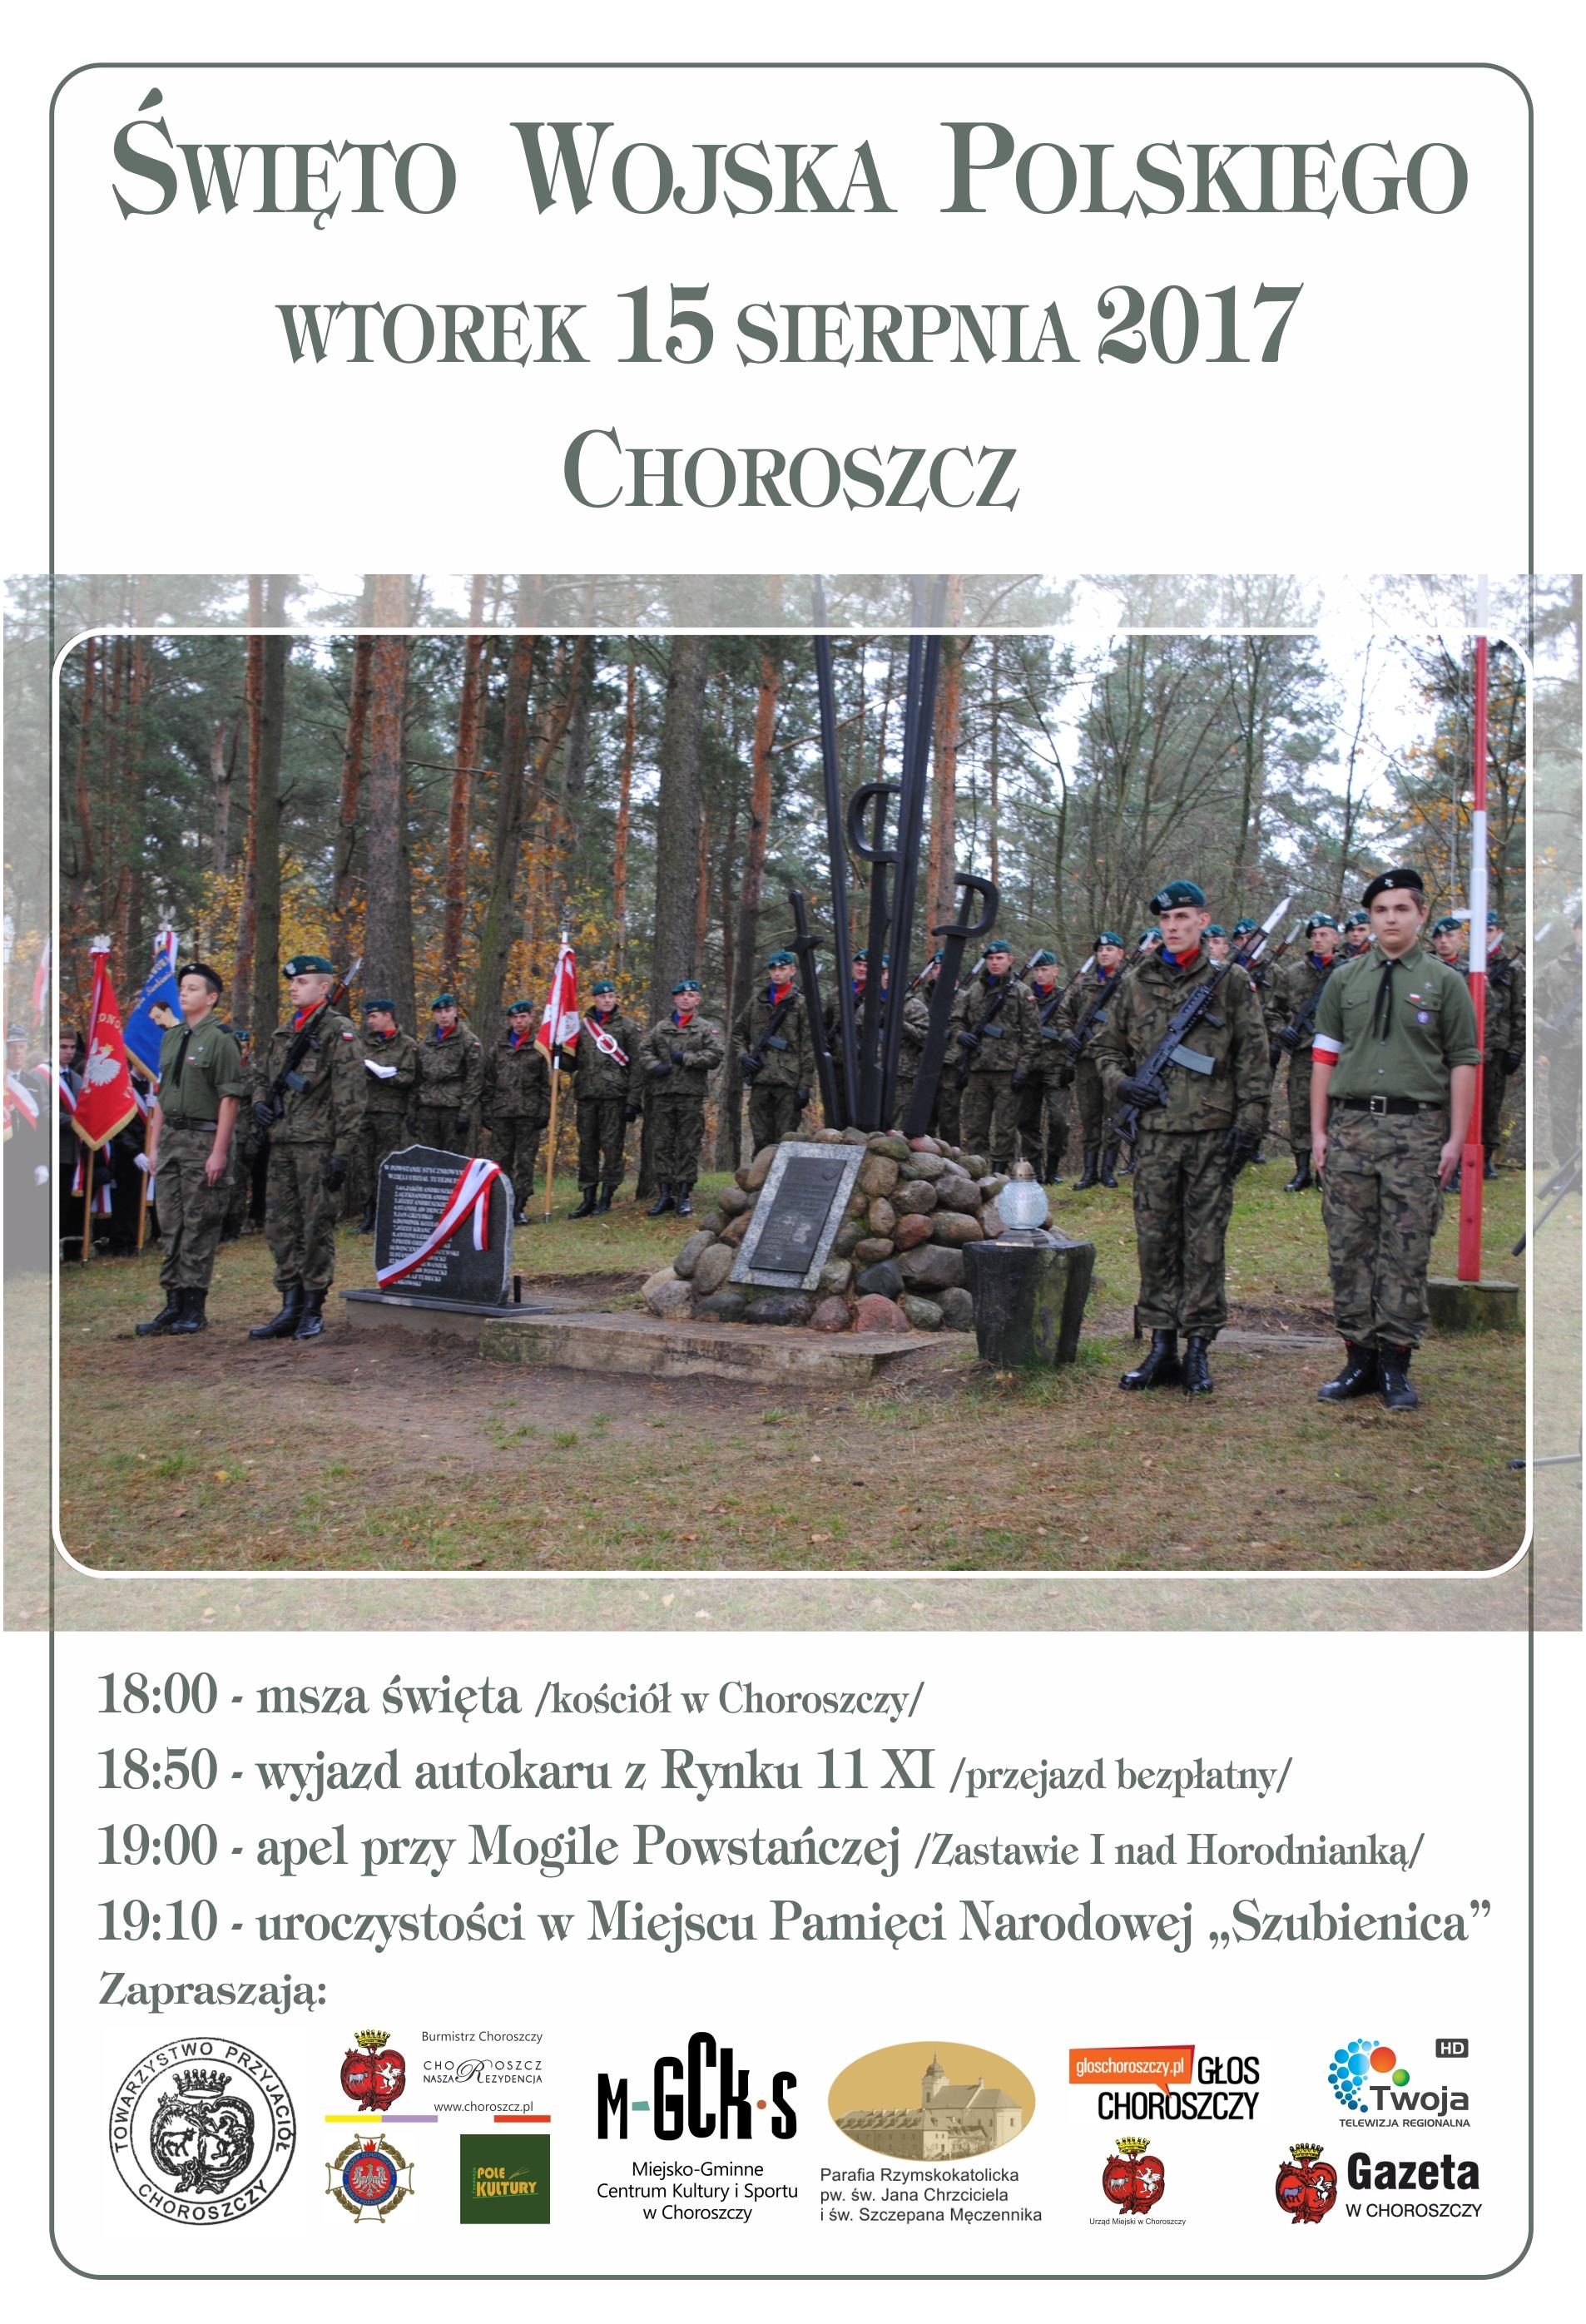 Święto Wojska 2017 poprawiony